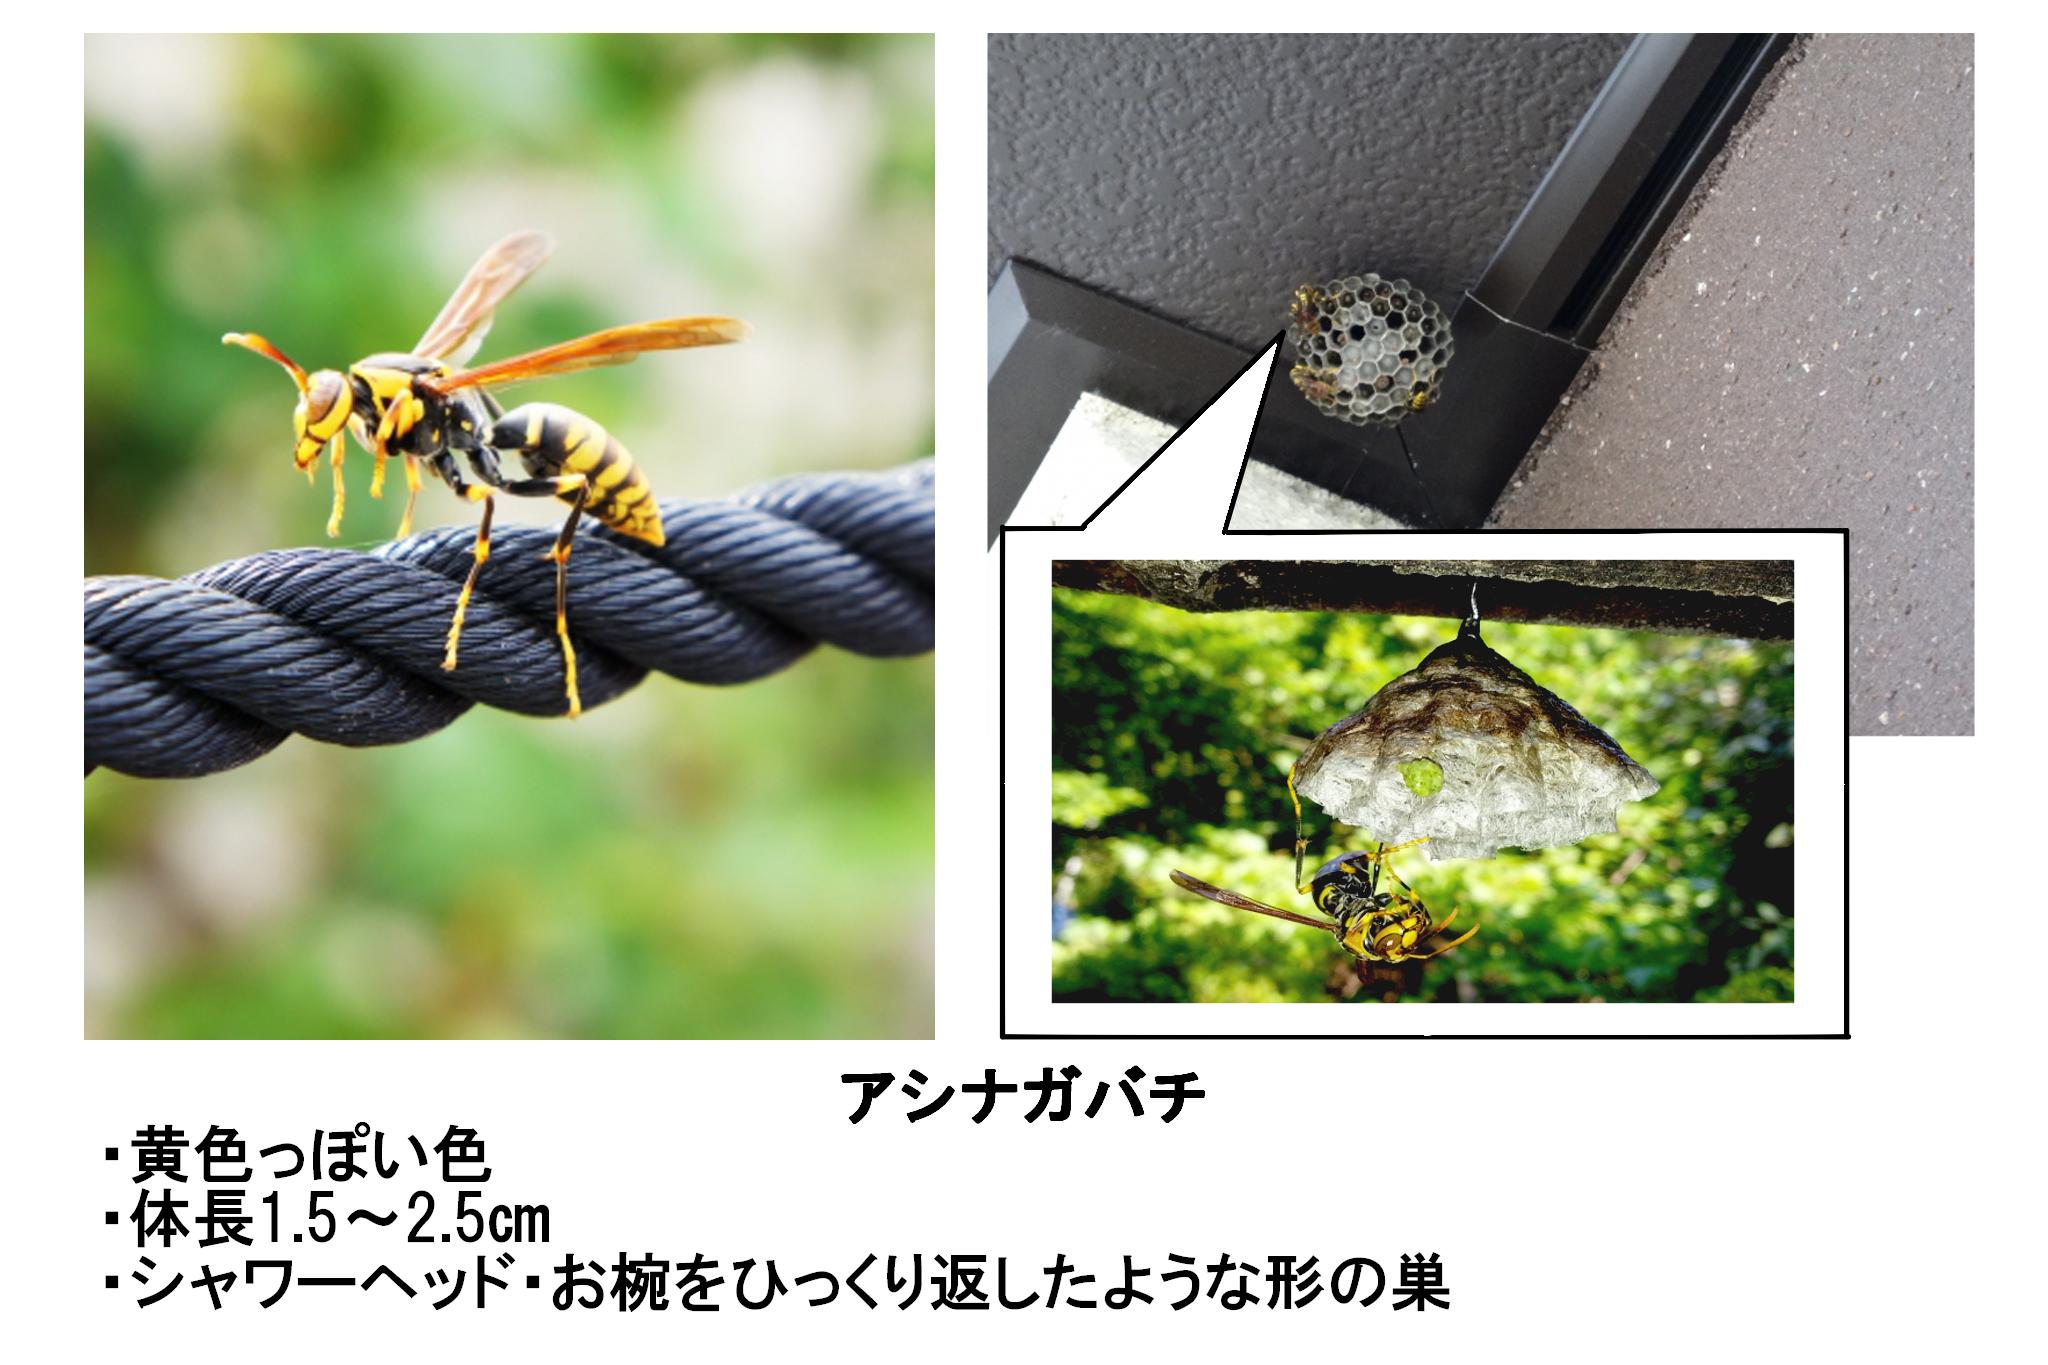 アシナガバチ